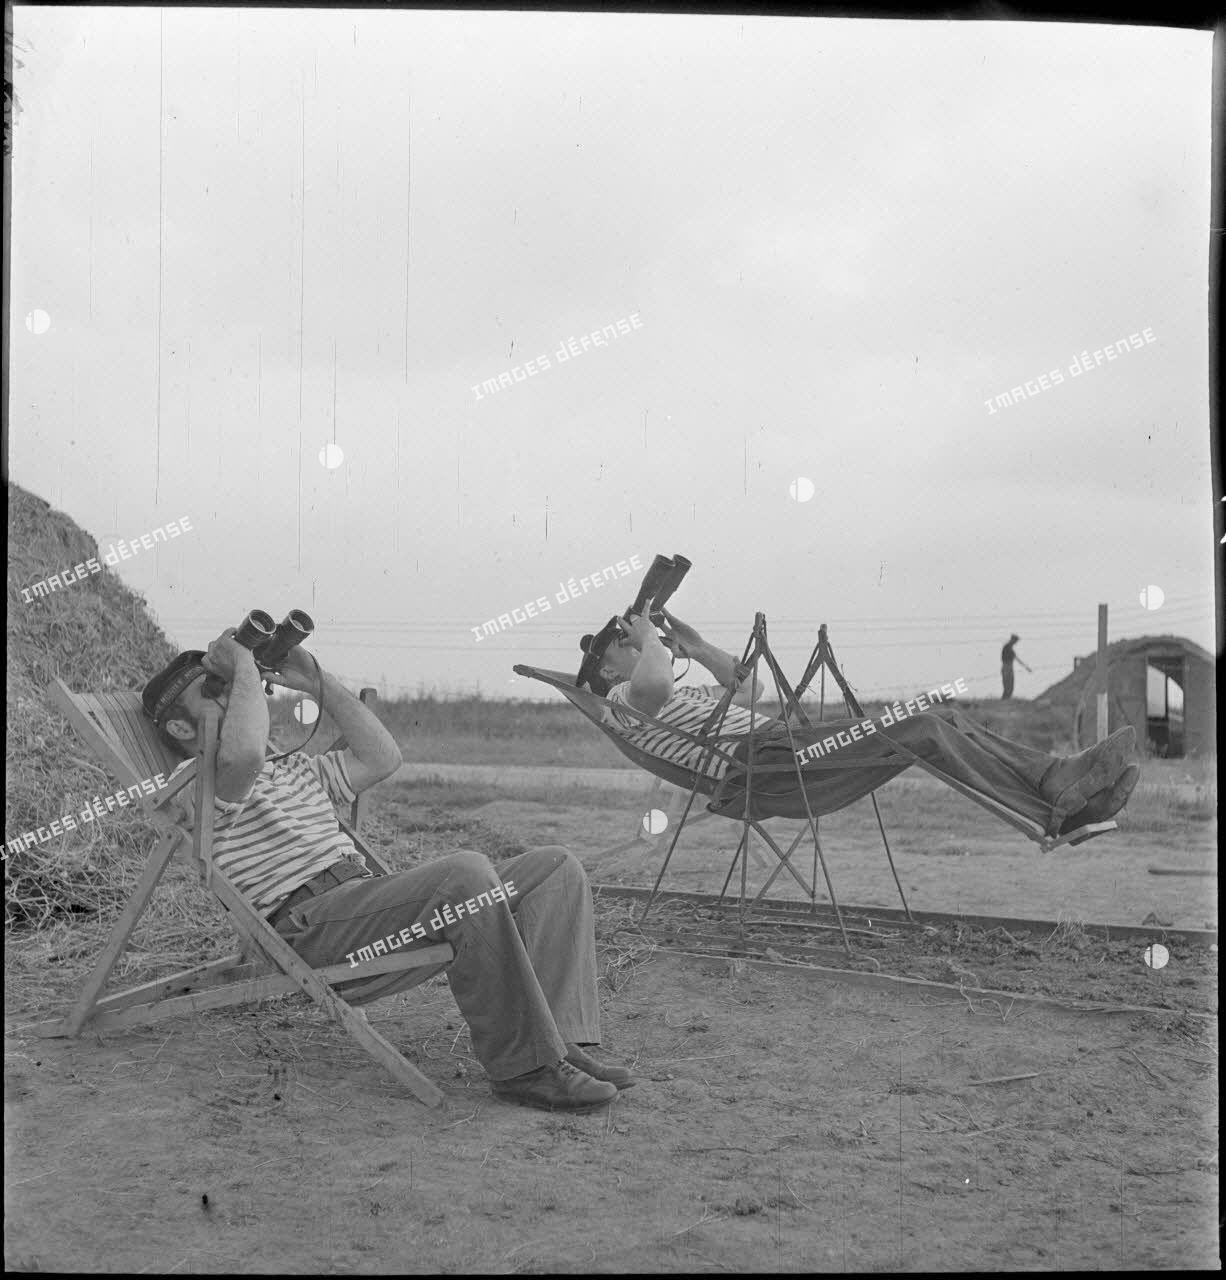 Des marins, appartenant à la 4e batterie de 90 mm contre avions, batterie mobile de défense antiaérienne de la Marine, observent le ciel à l'aide de jumelles, installés dans des chaises longues ou des sièges suspendus.